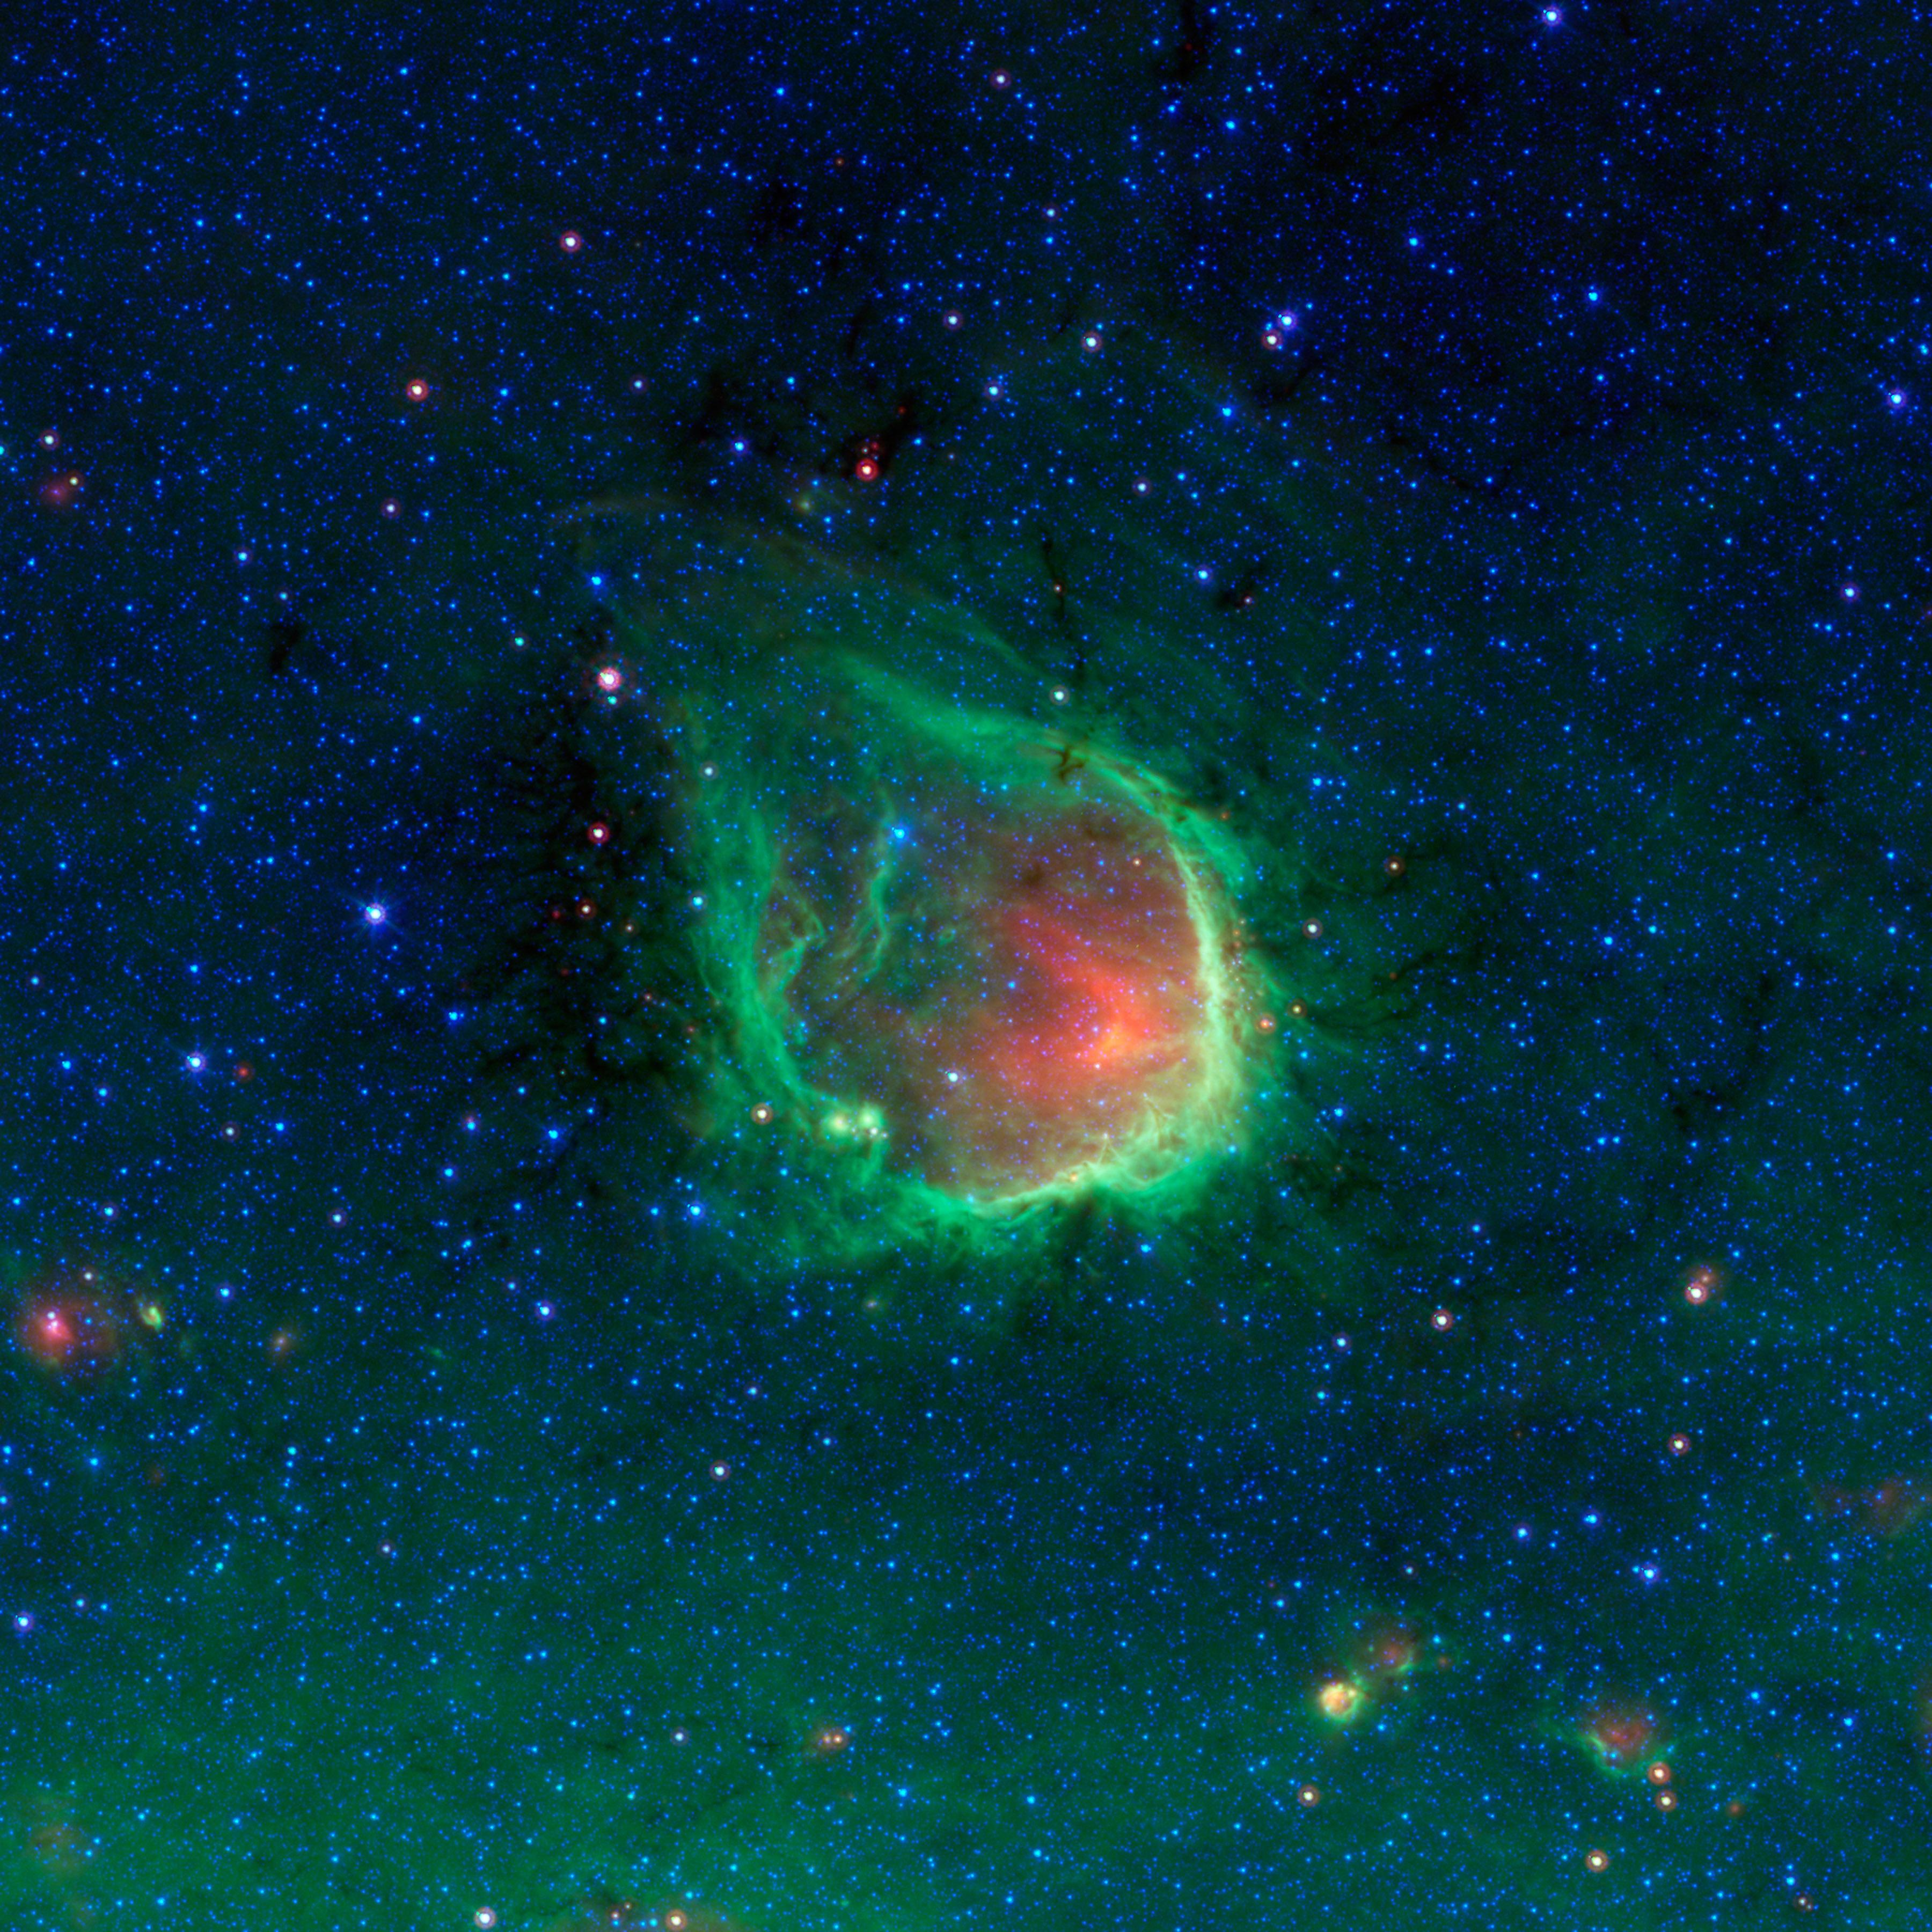 RCW-120 वृश्विक नक्षत्र की पुंछ के पास स्थित ब्रह्माण्डीय बुलबुला (बड़े आकार मे देखने चित्र पर क्लीक करें)